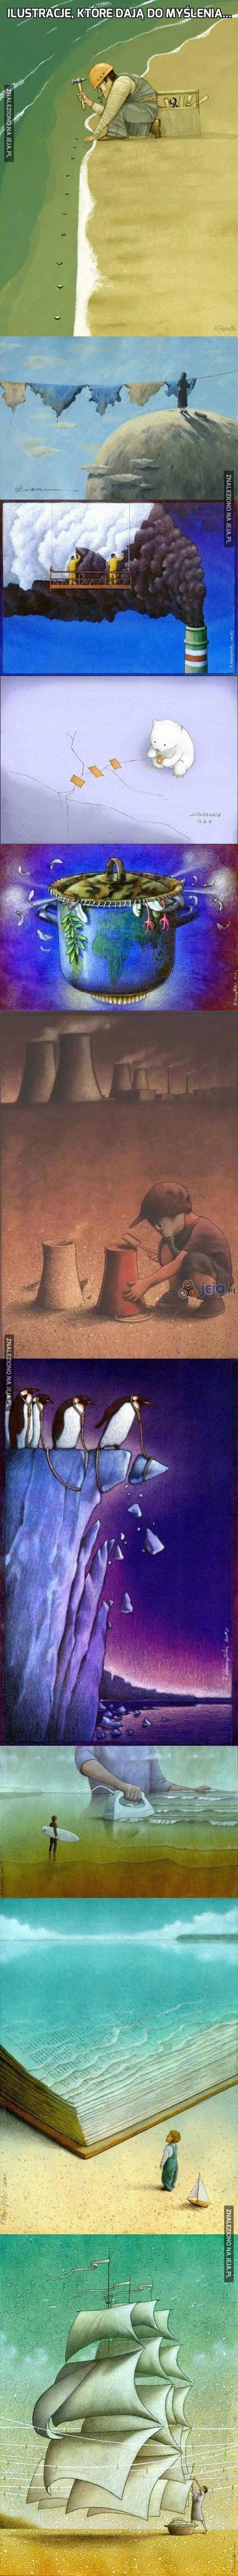 Ilustracje, które dają do myślenia...